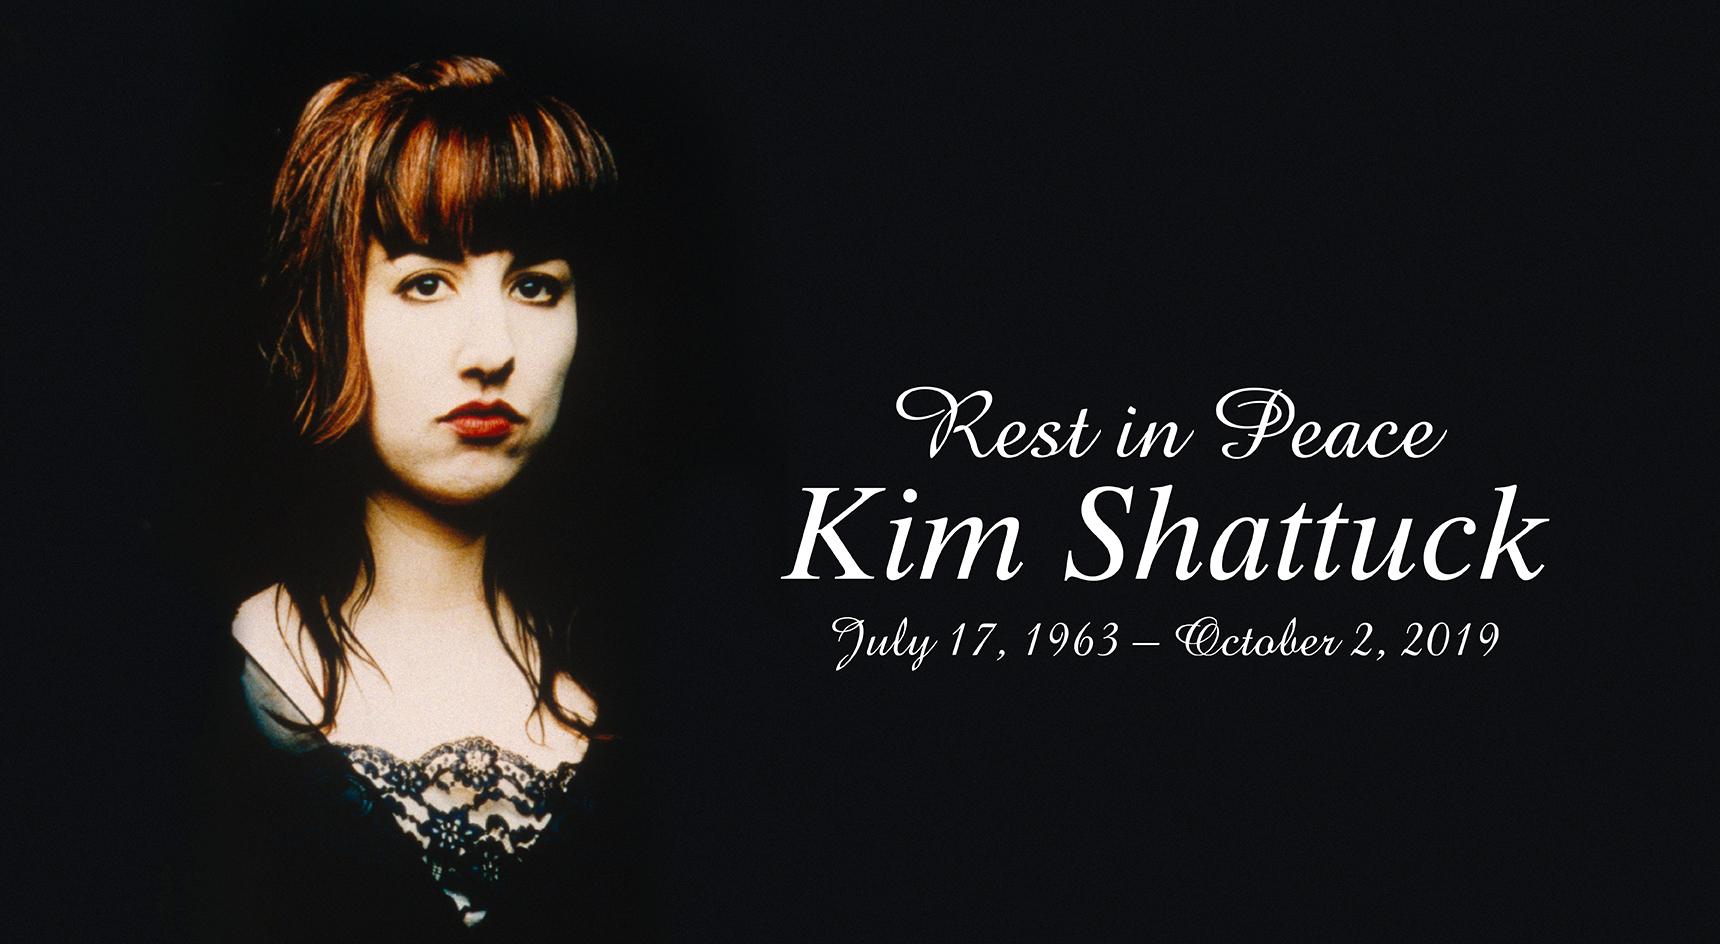 RIP Kim Shattuck